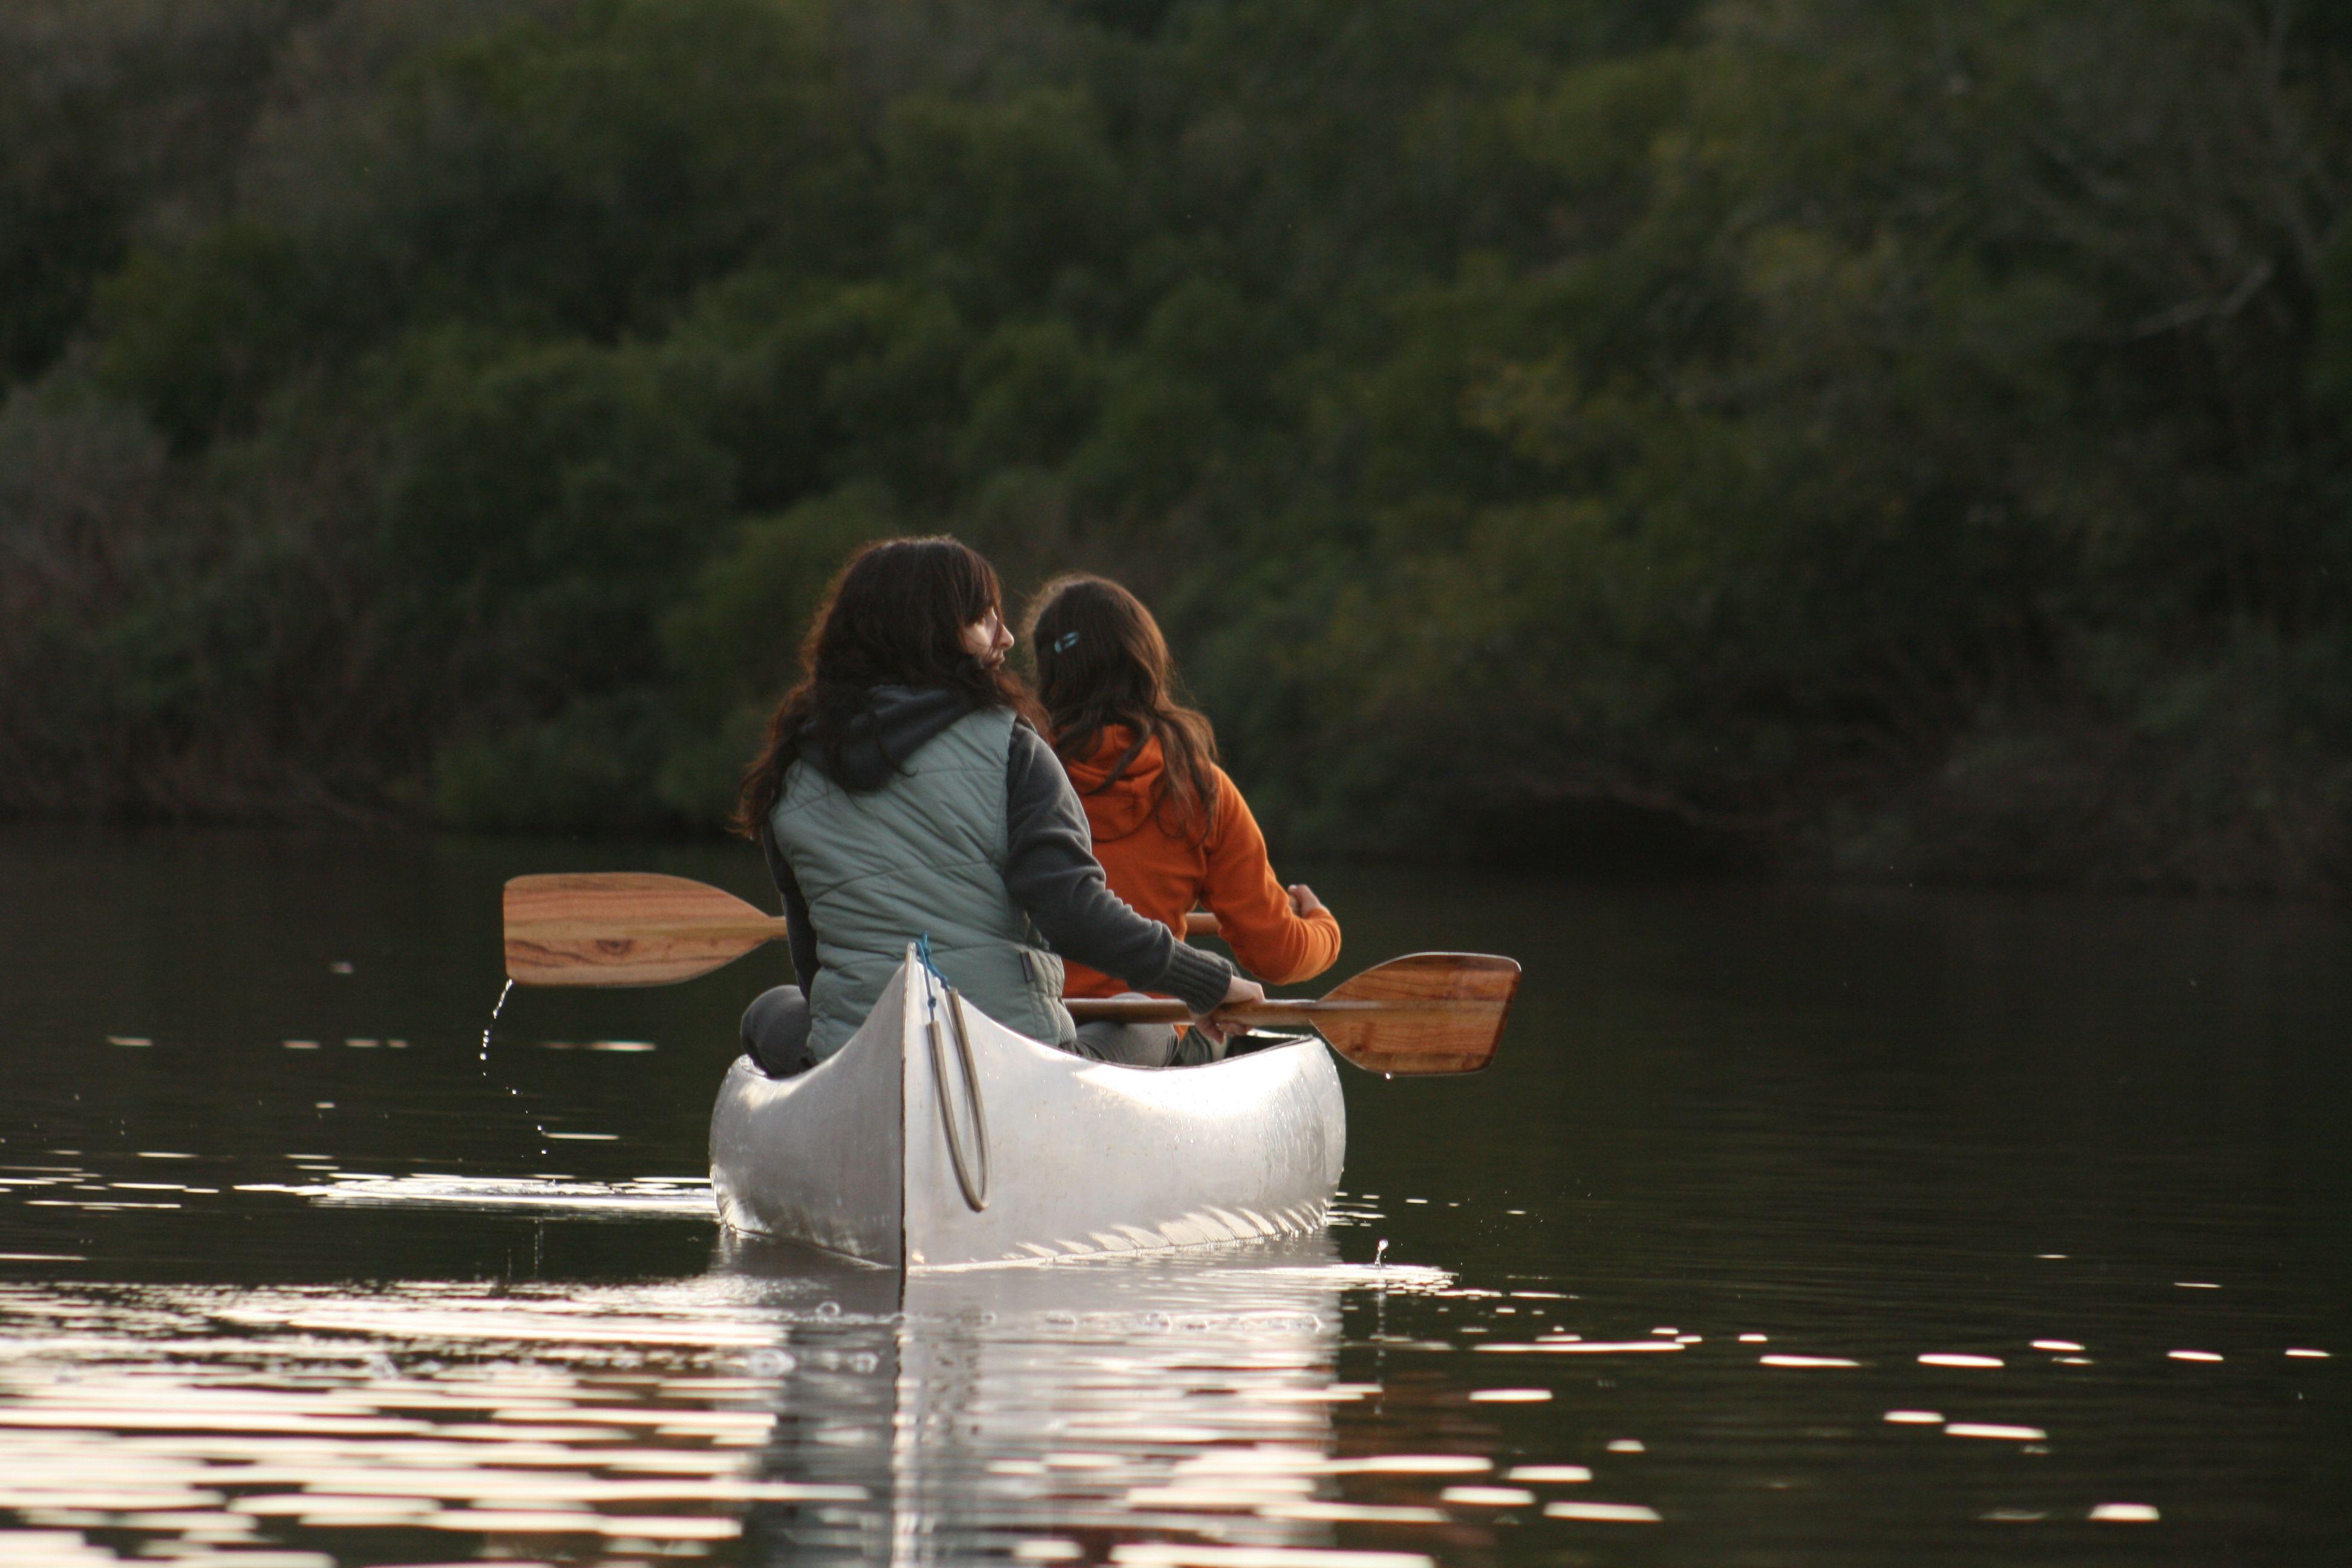 La paz del arroyo, la exuberancia de la vegetación<br>